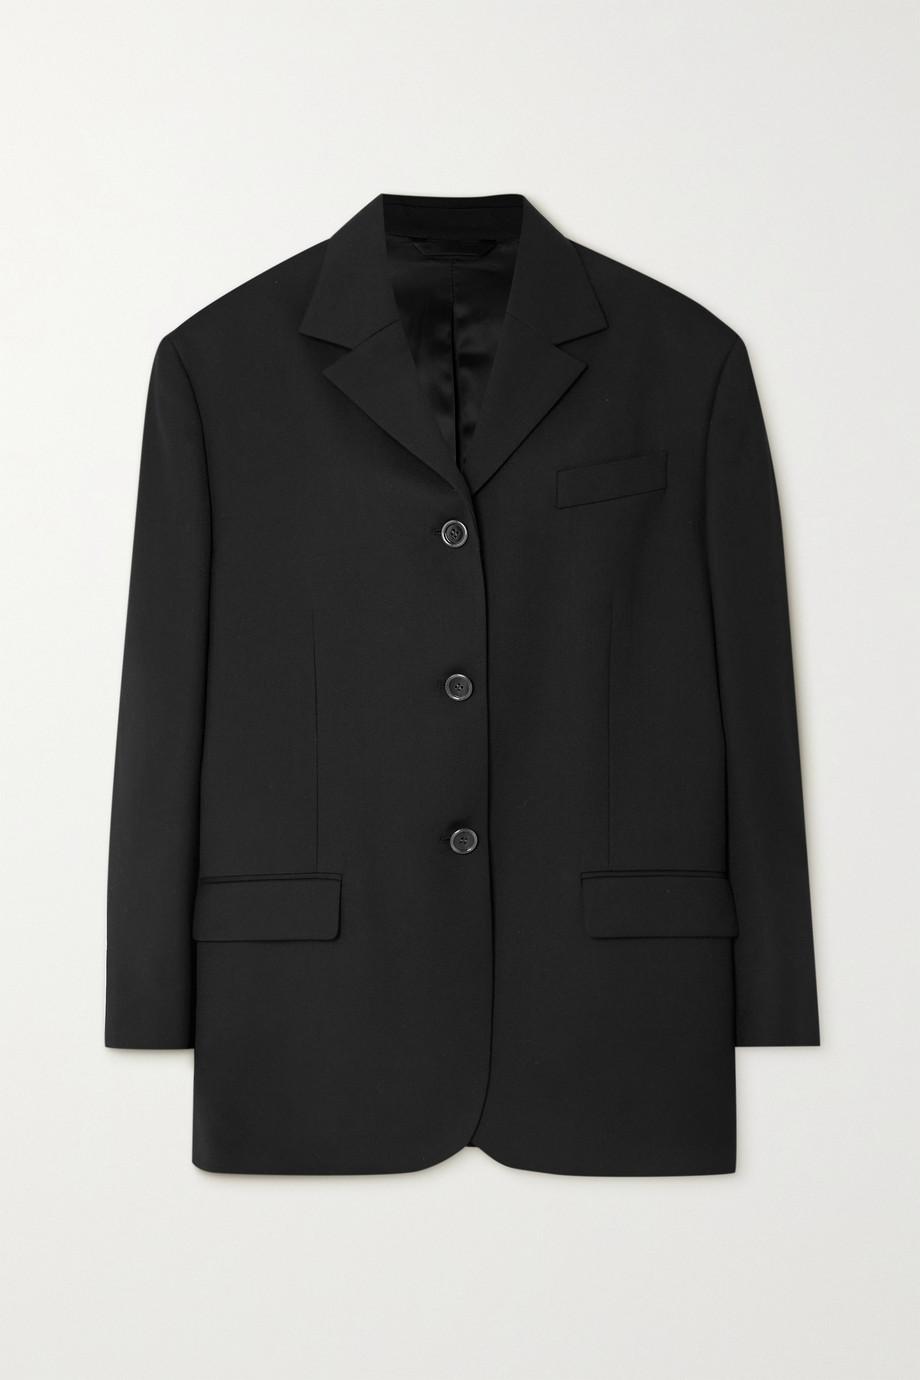 Acne Studios Woven blazer